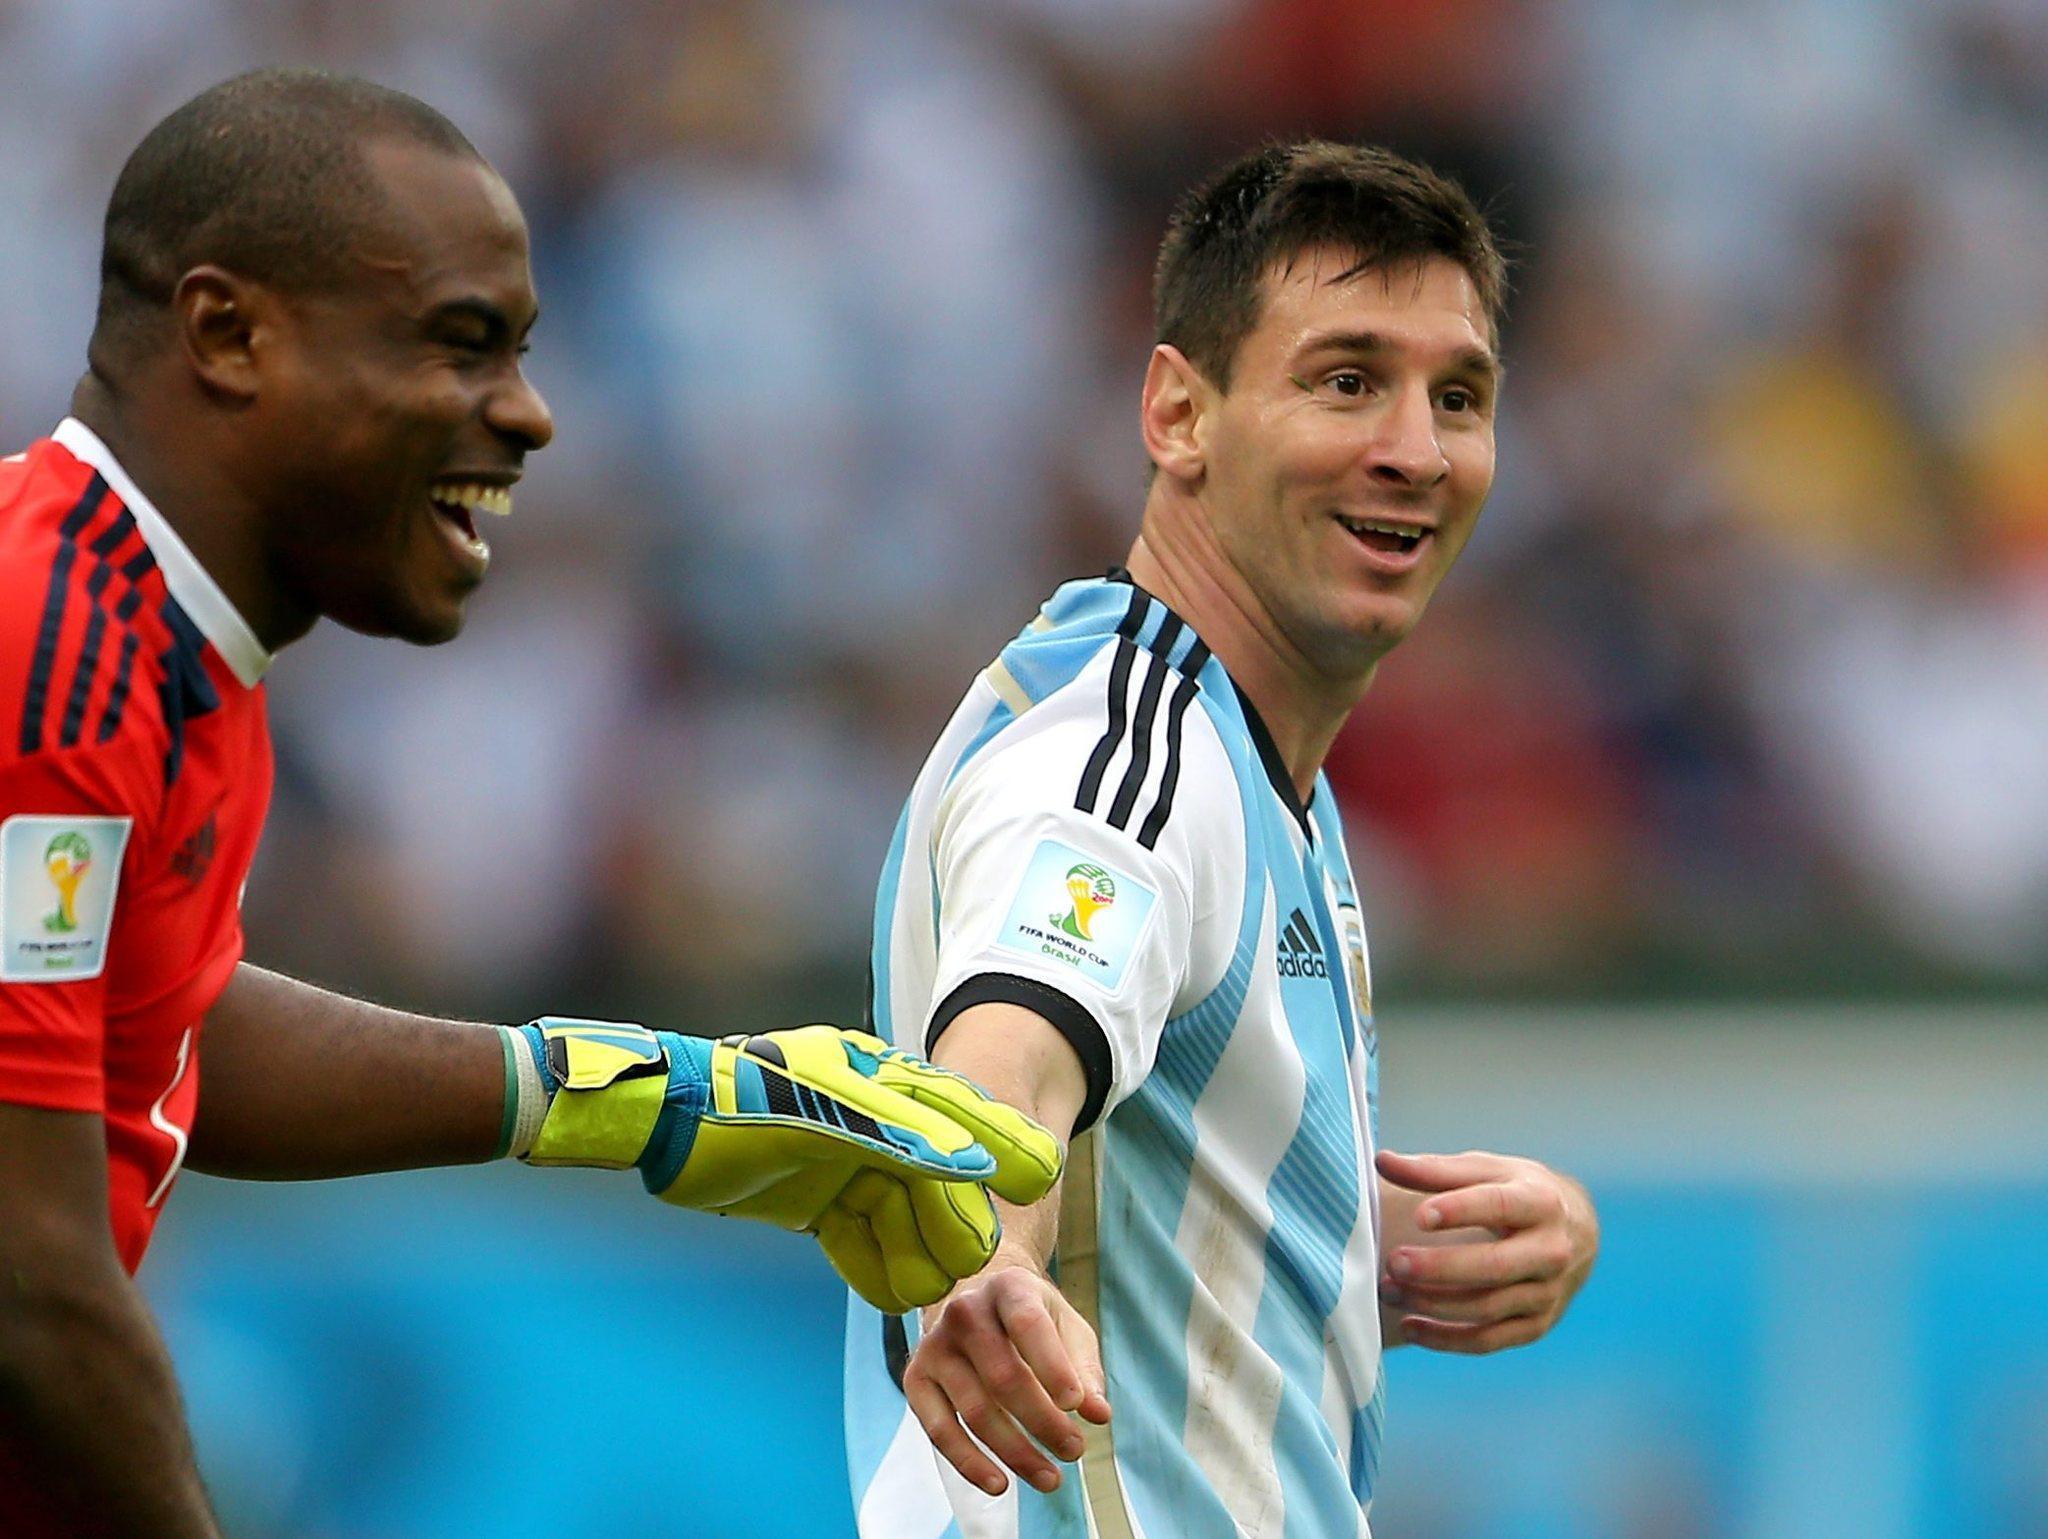 Messi Rojo lead Argentina past Nigeria tribunedigital